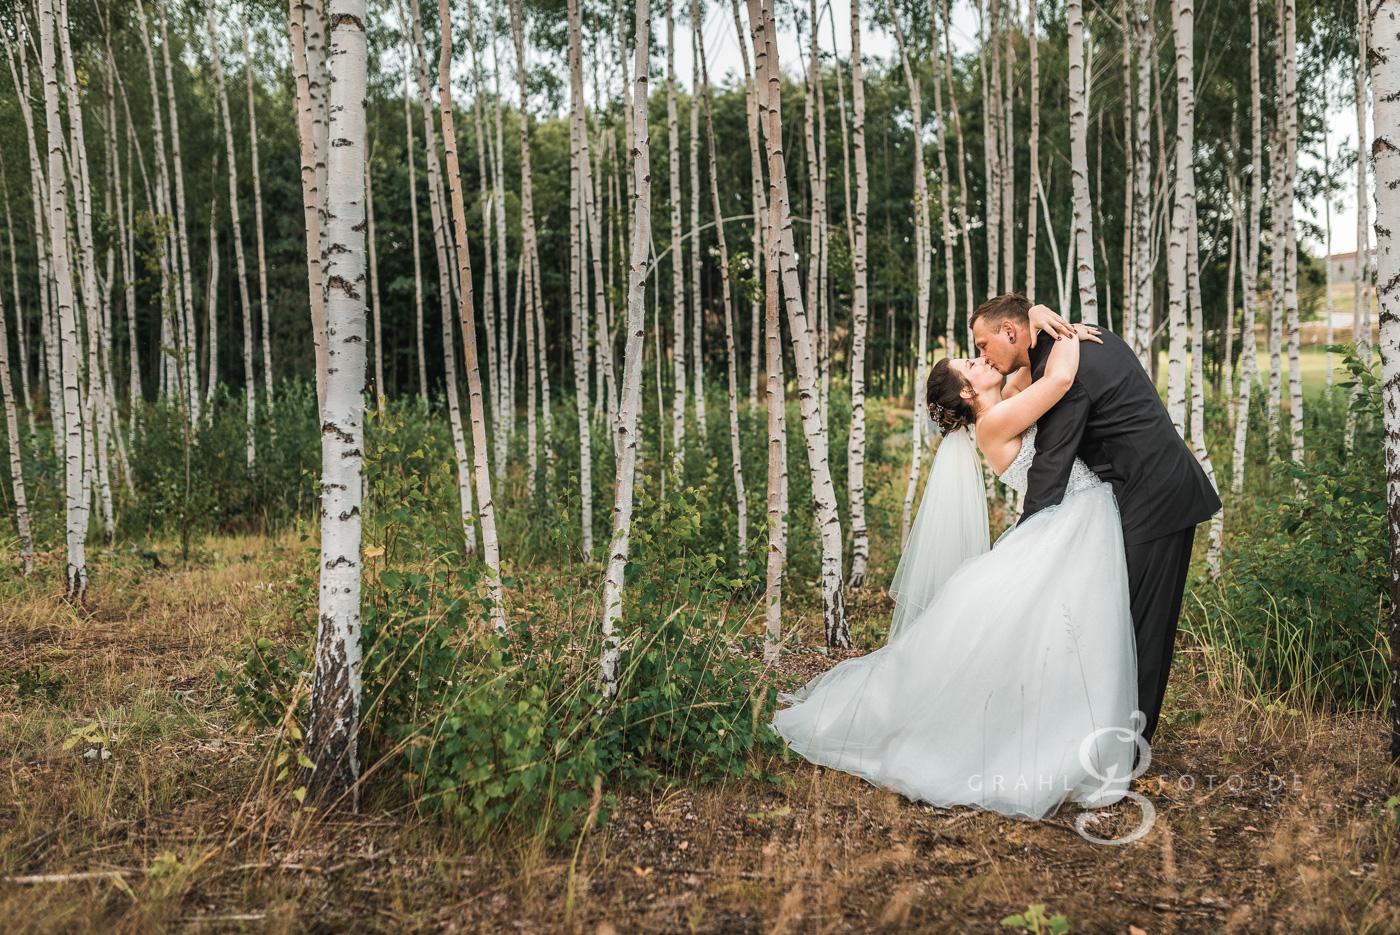 Grahlfoto Hochzeit Fotobeispiel mit Filter